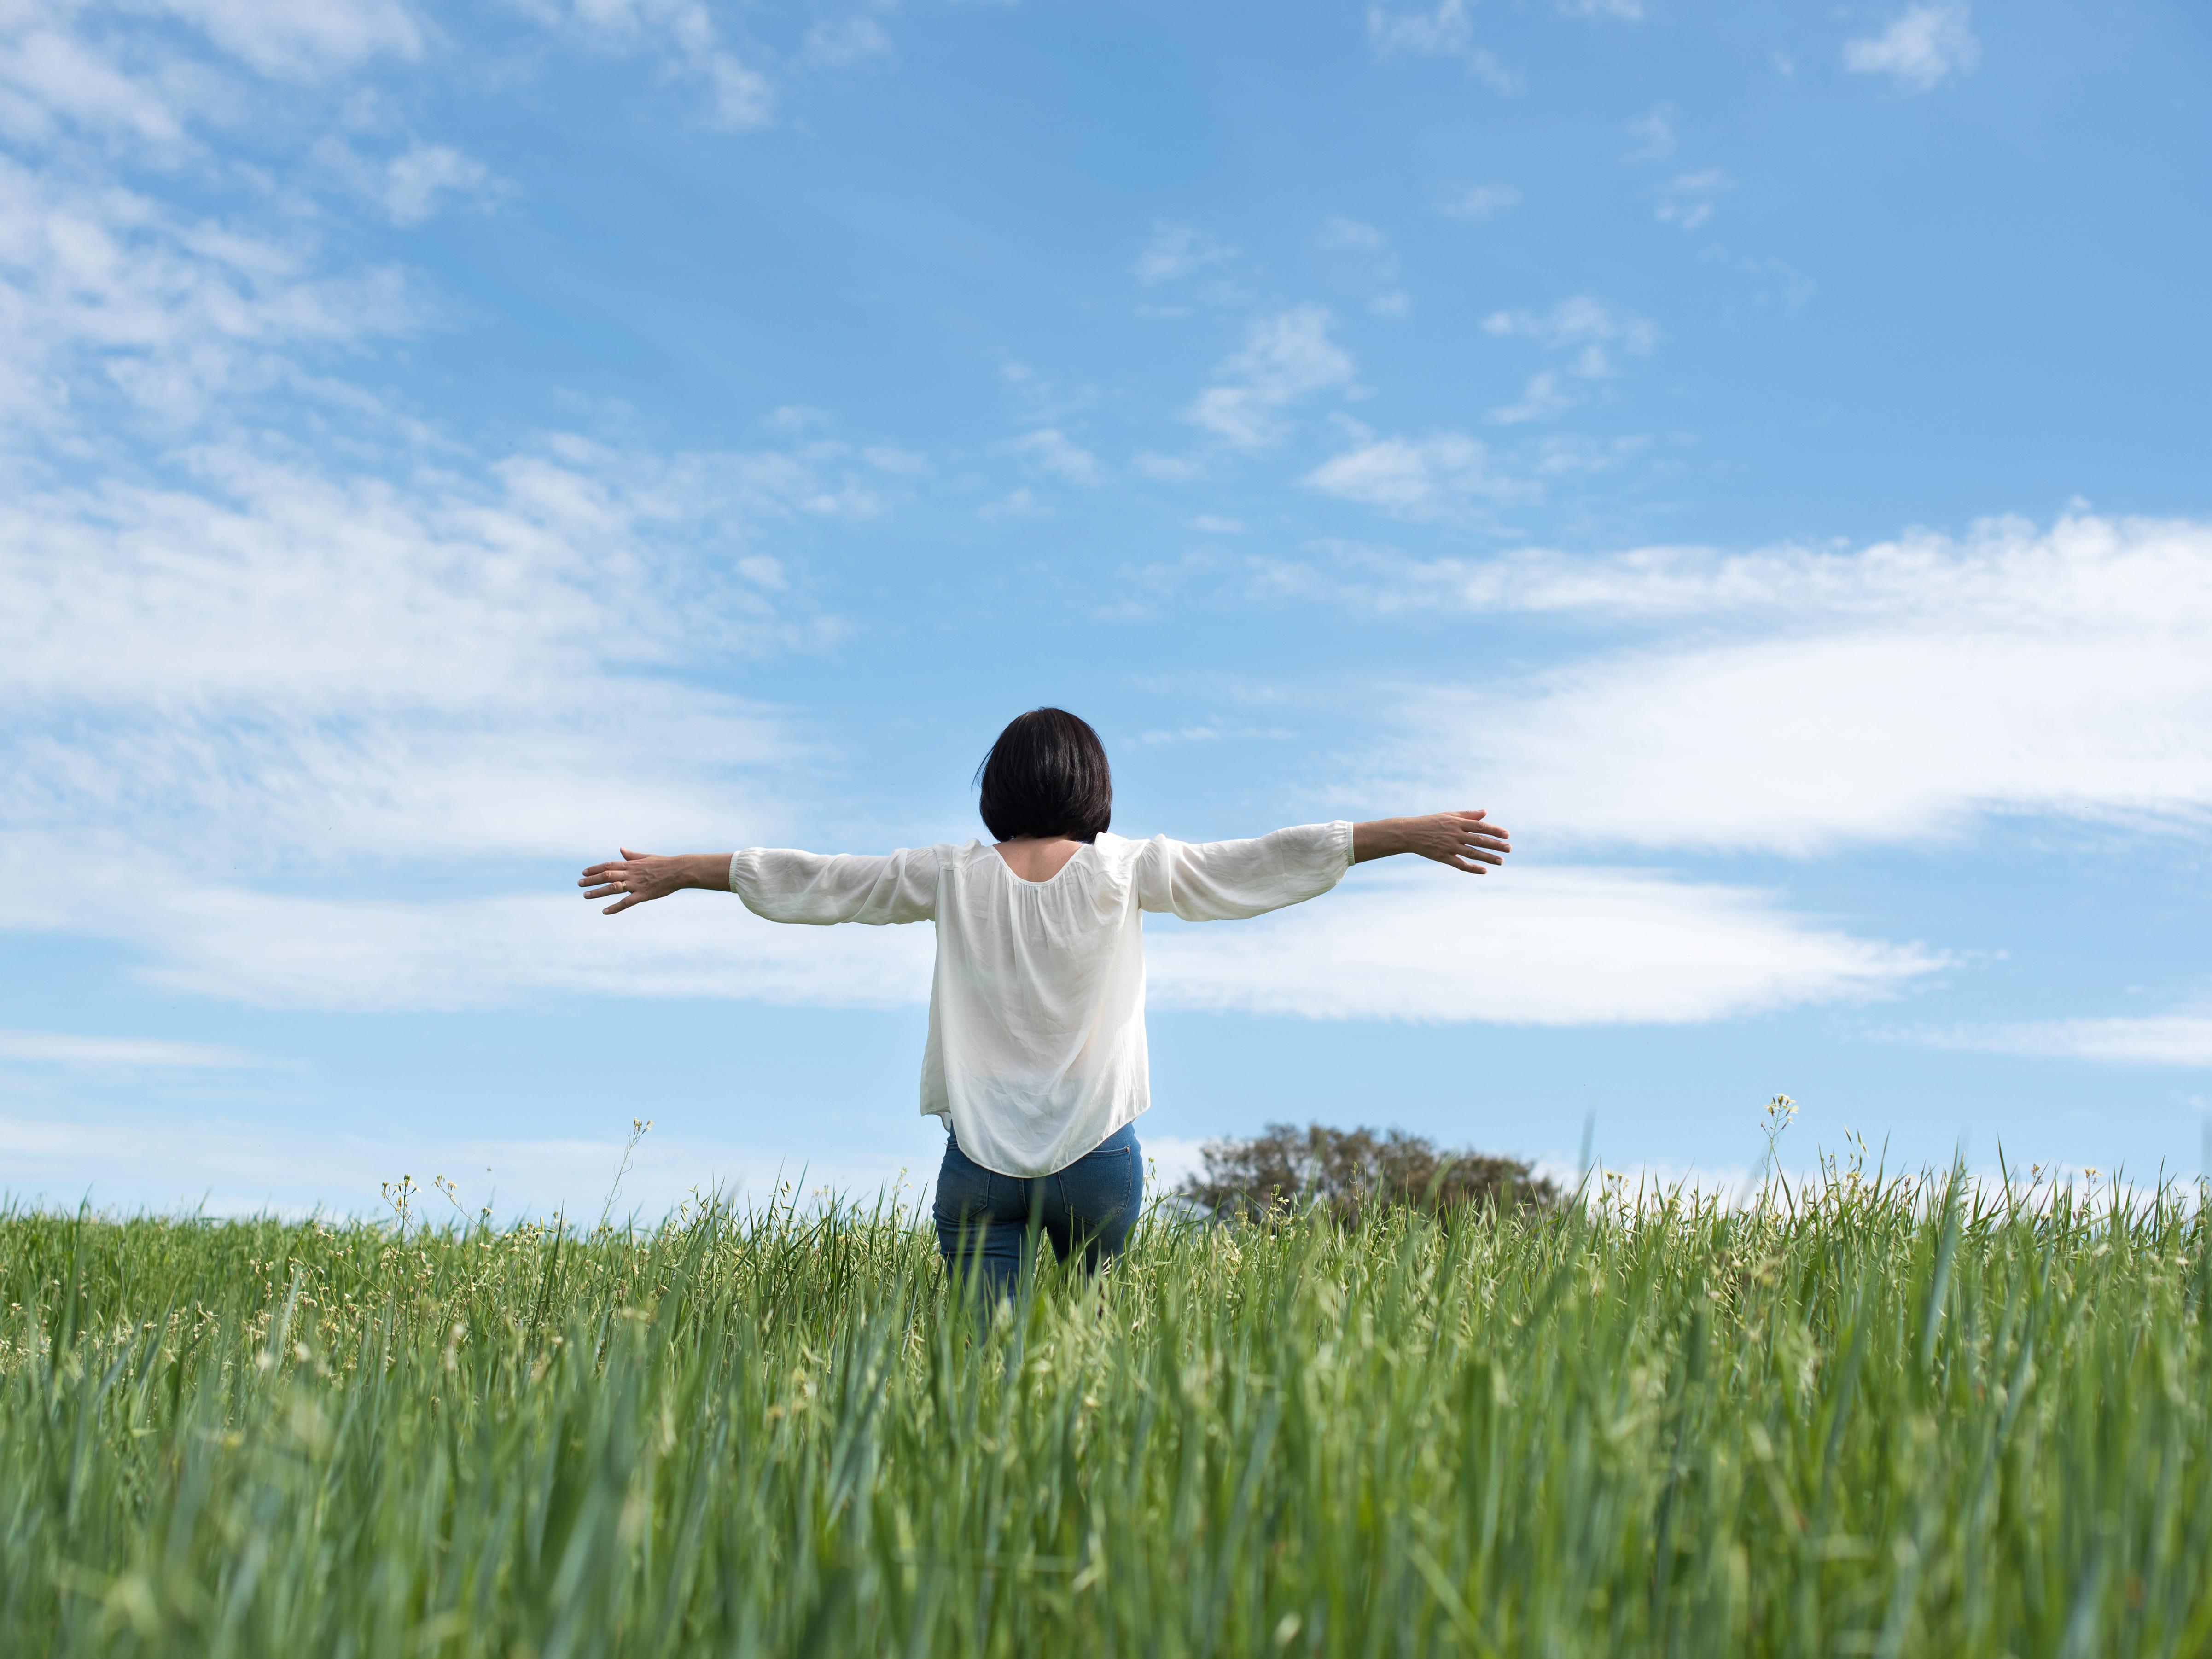 Woman in Green Field, Envato